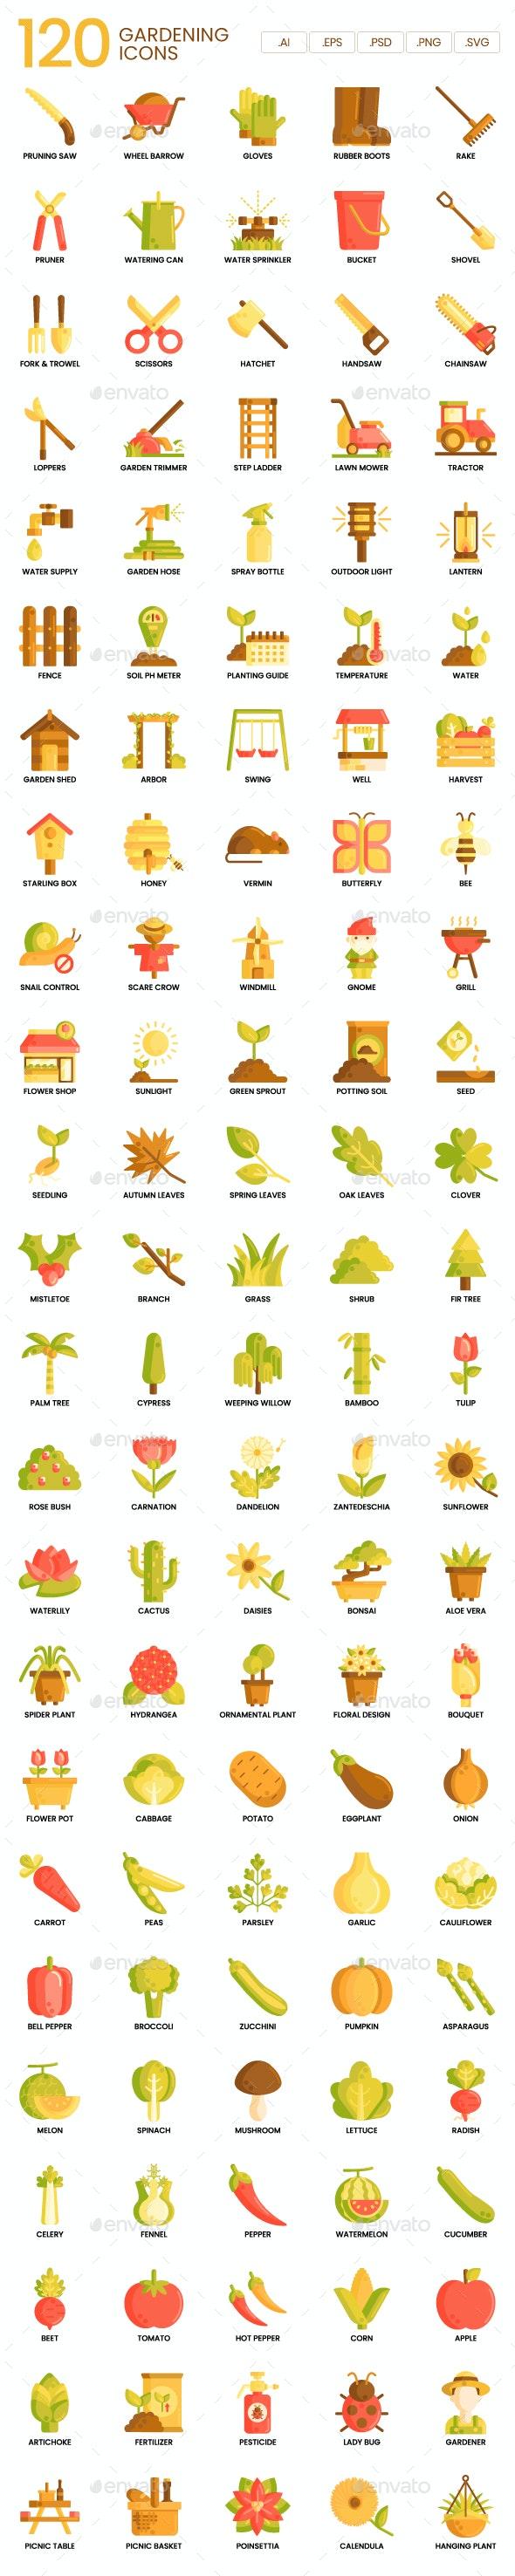 Gardening Icons - Caramel Series